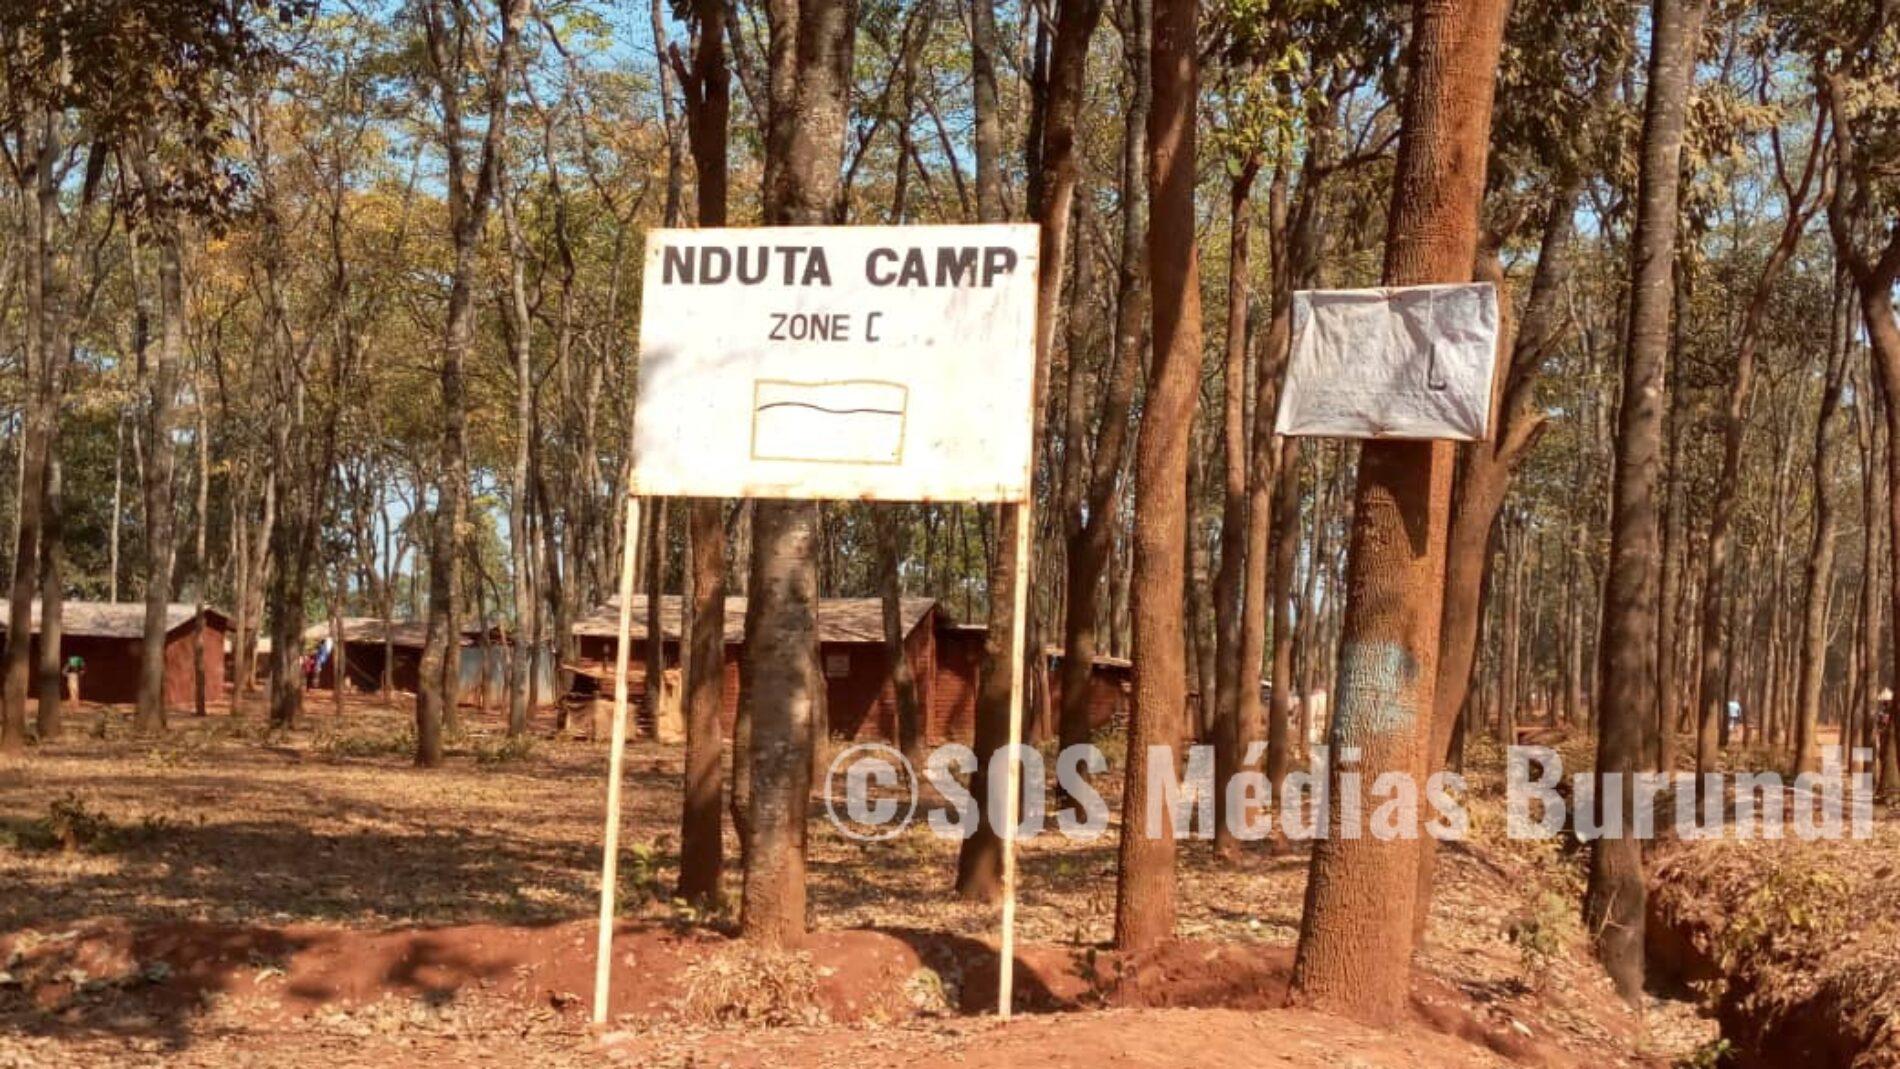 Tanzanie Covid-19 : un accueil pour les malades du camp de Nduta